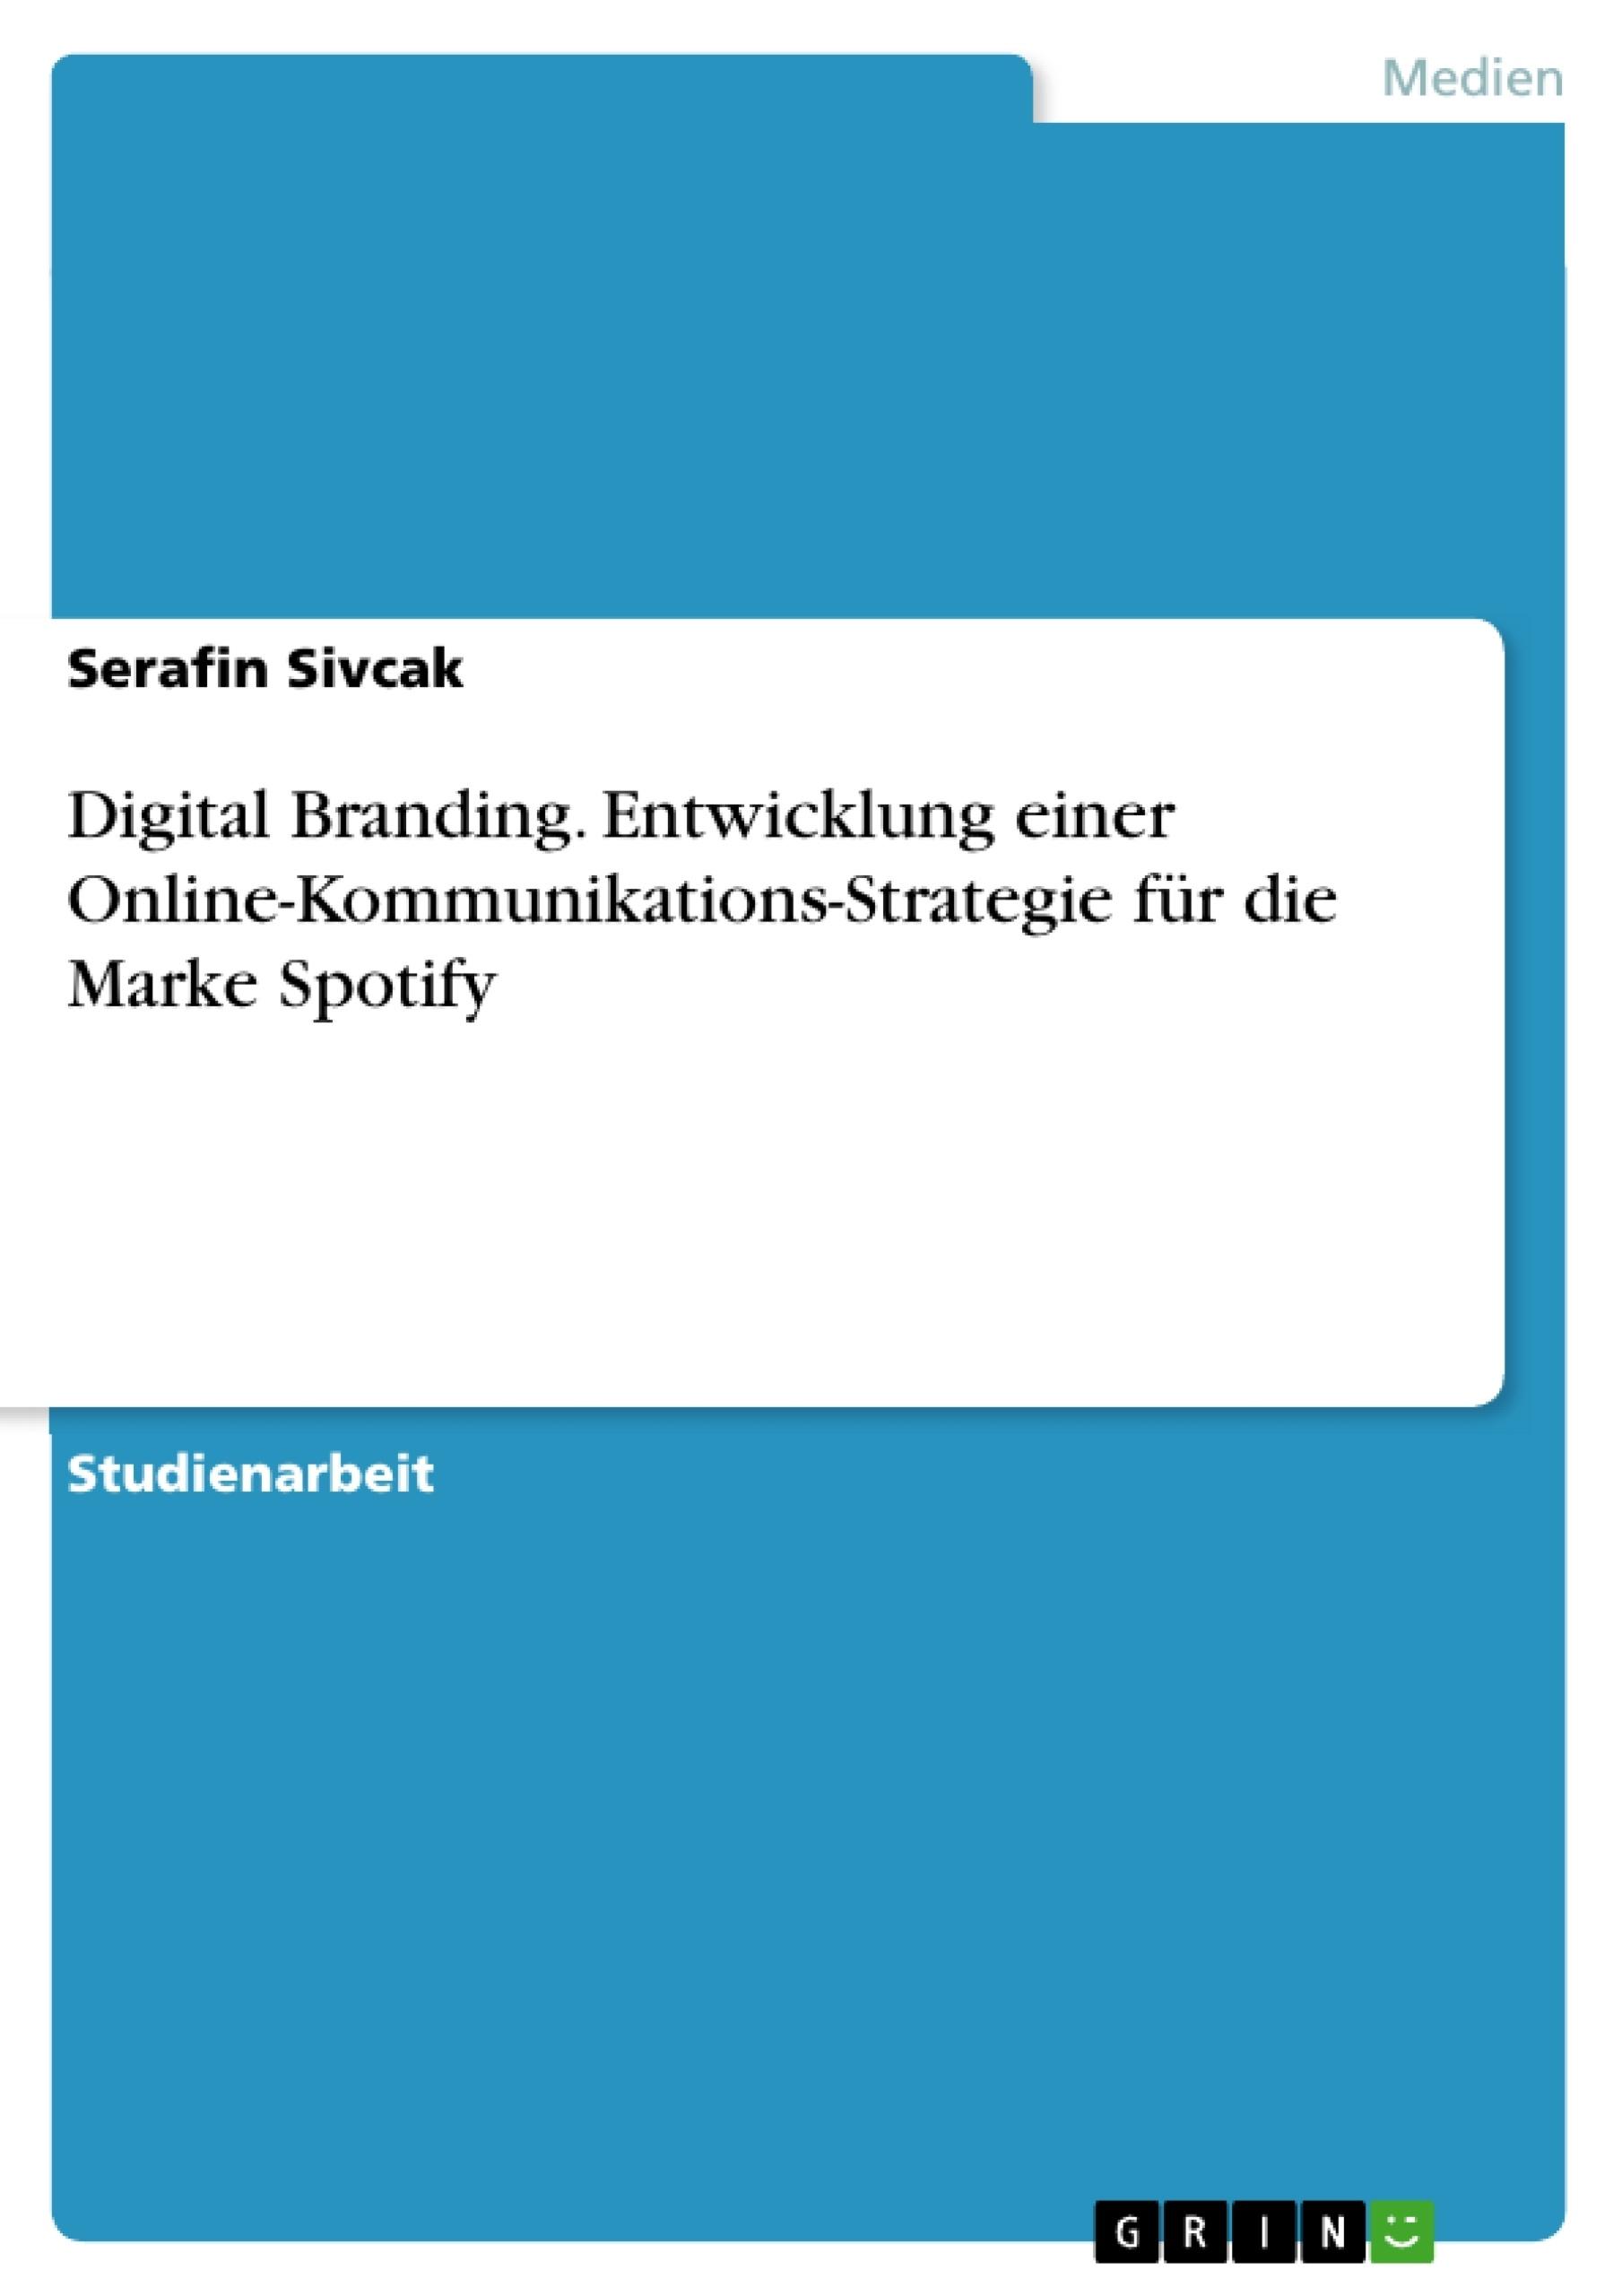 Titel: Digital Branding. Entwicklung einer Online-Kommunikations-Strategie für die Marke Spotify